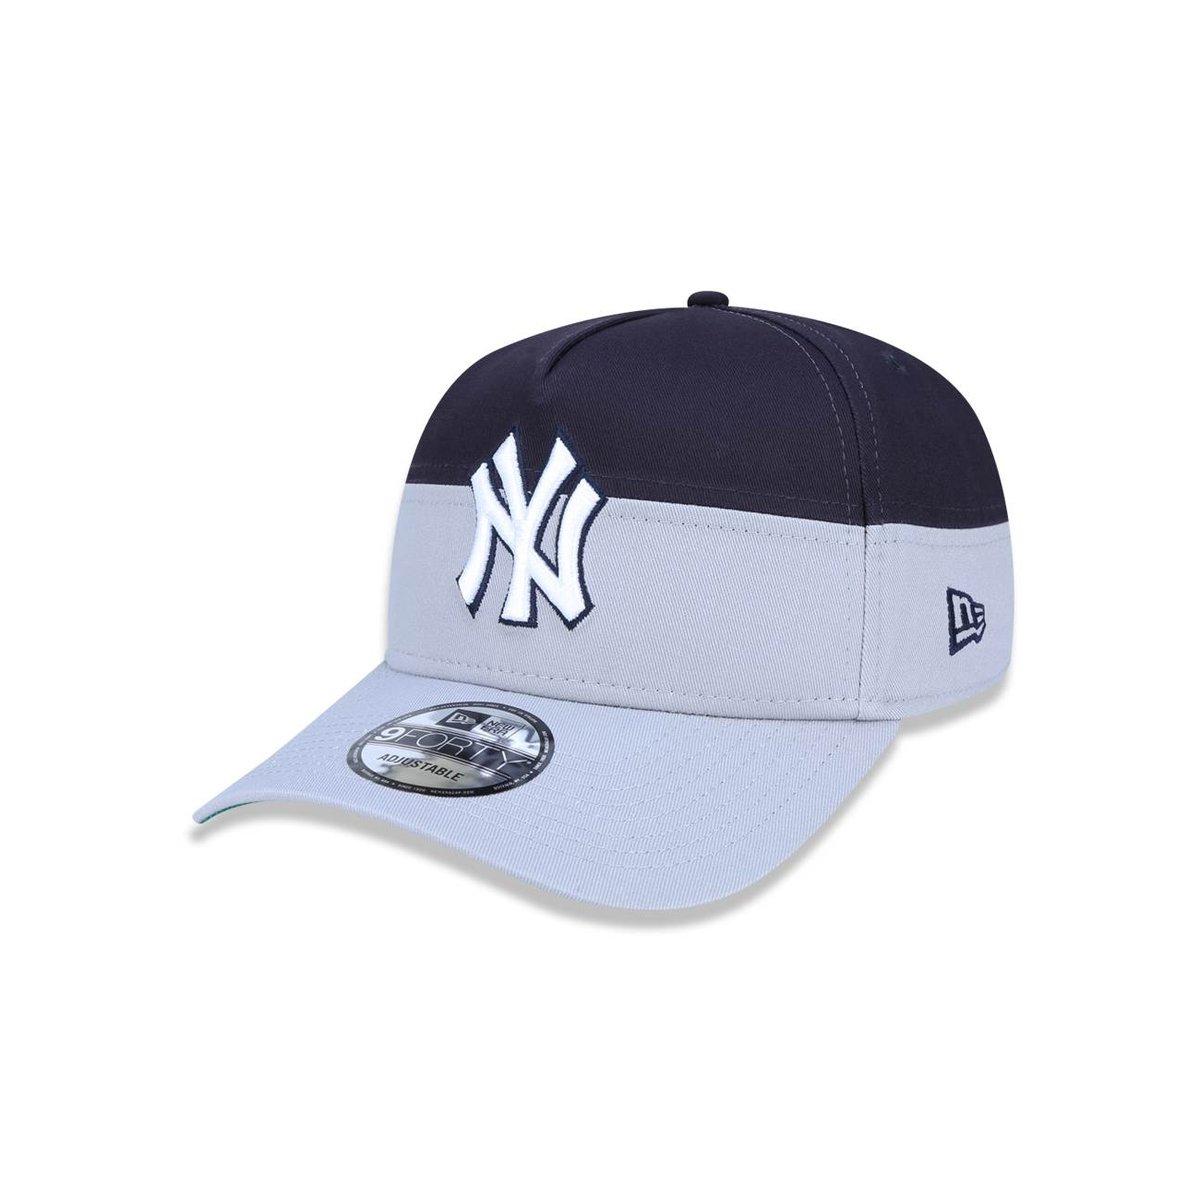 Boné 940 A-frame New York Yankees MLB Aba Curva New Era - Compre Agora  0b929079cfe